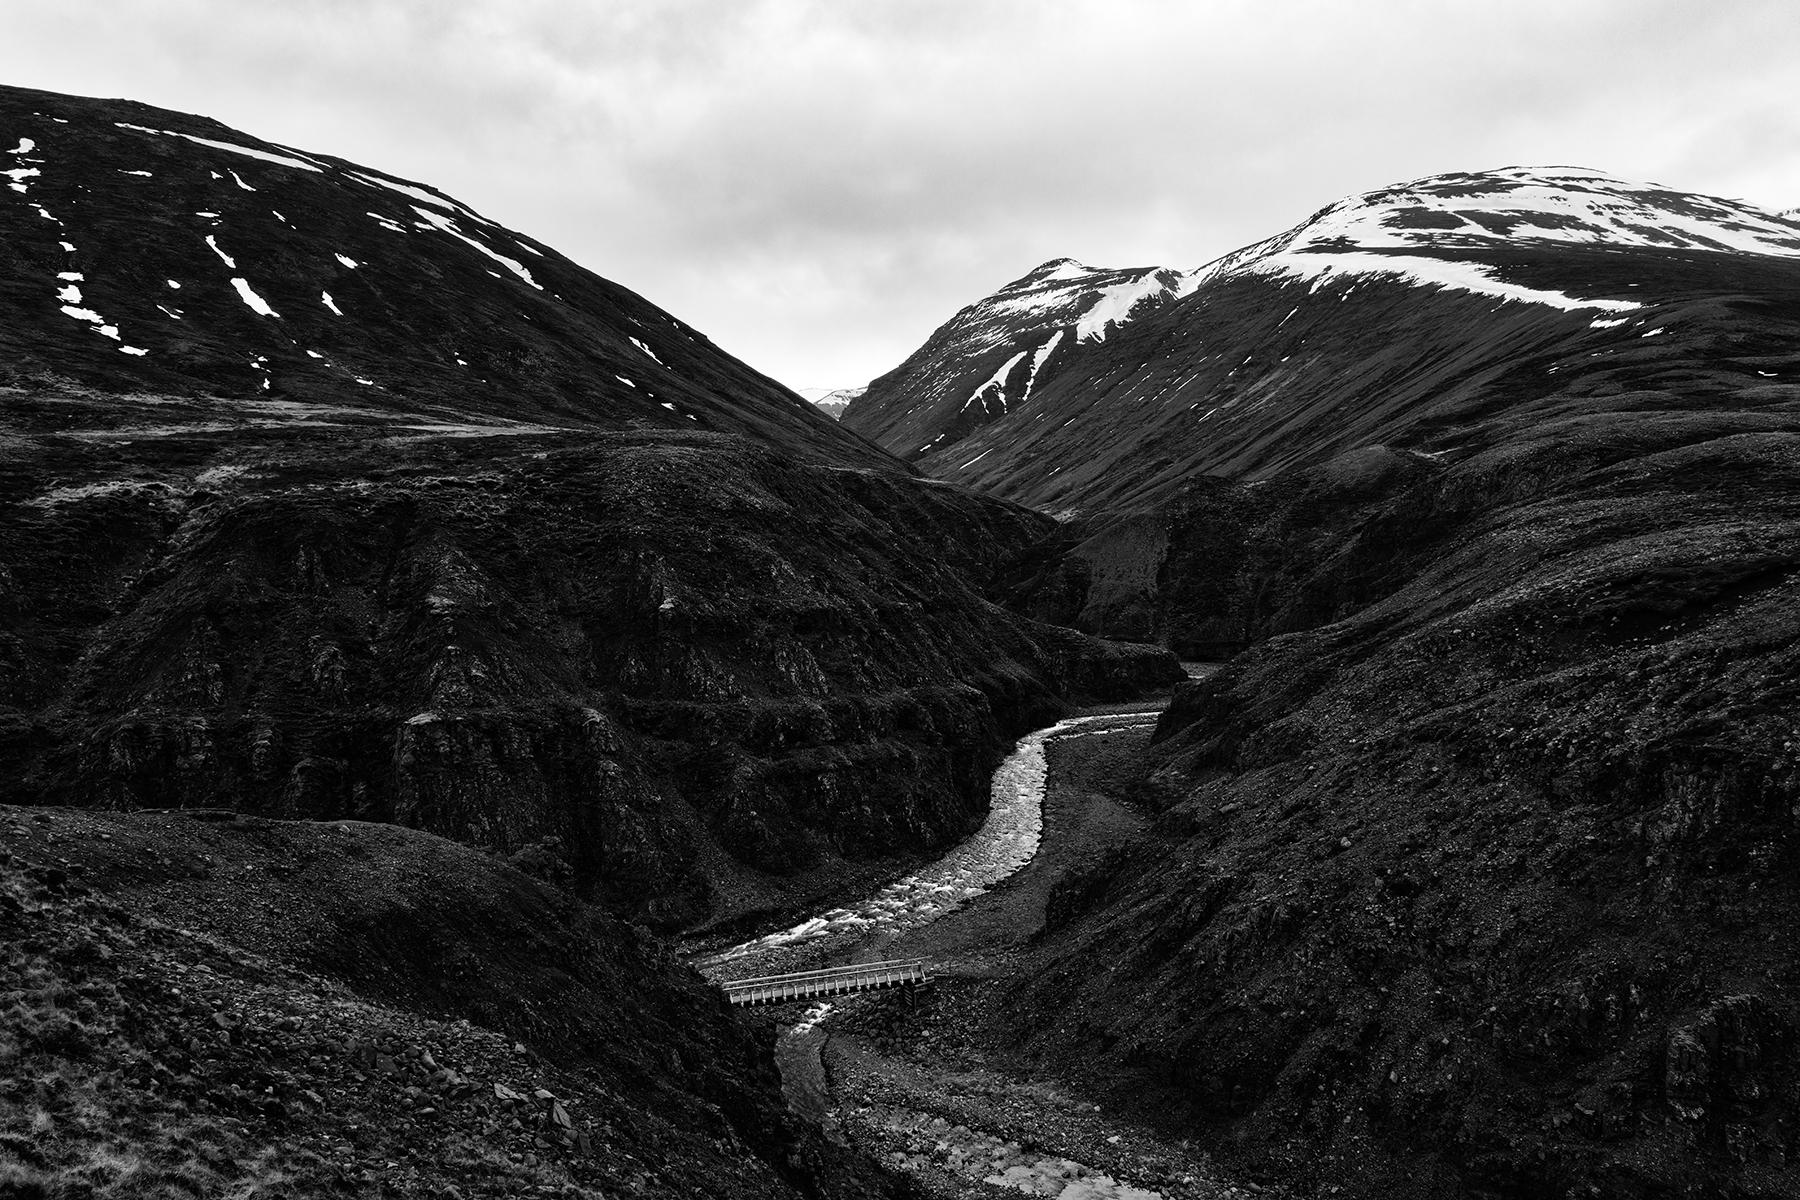 Iceland mountain river pass - black & white photo